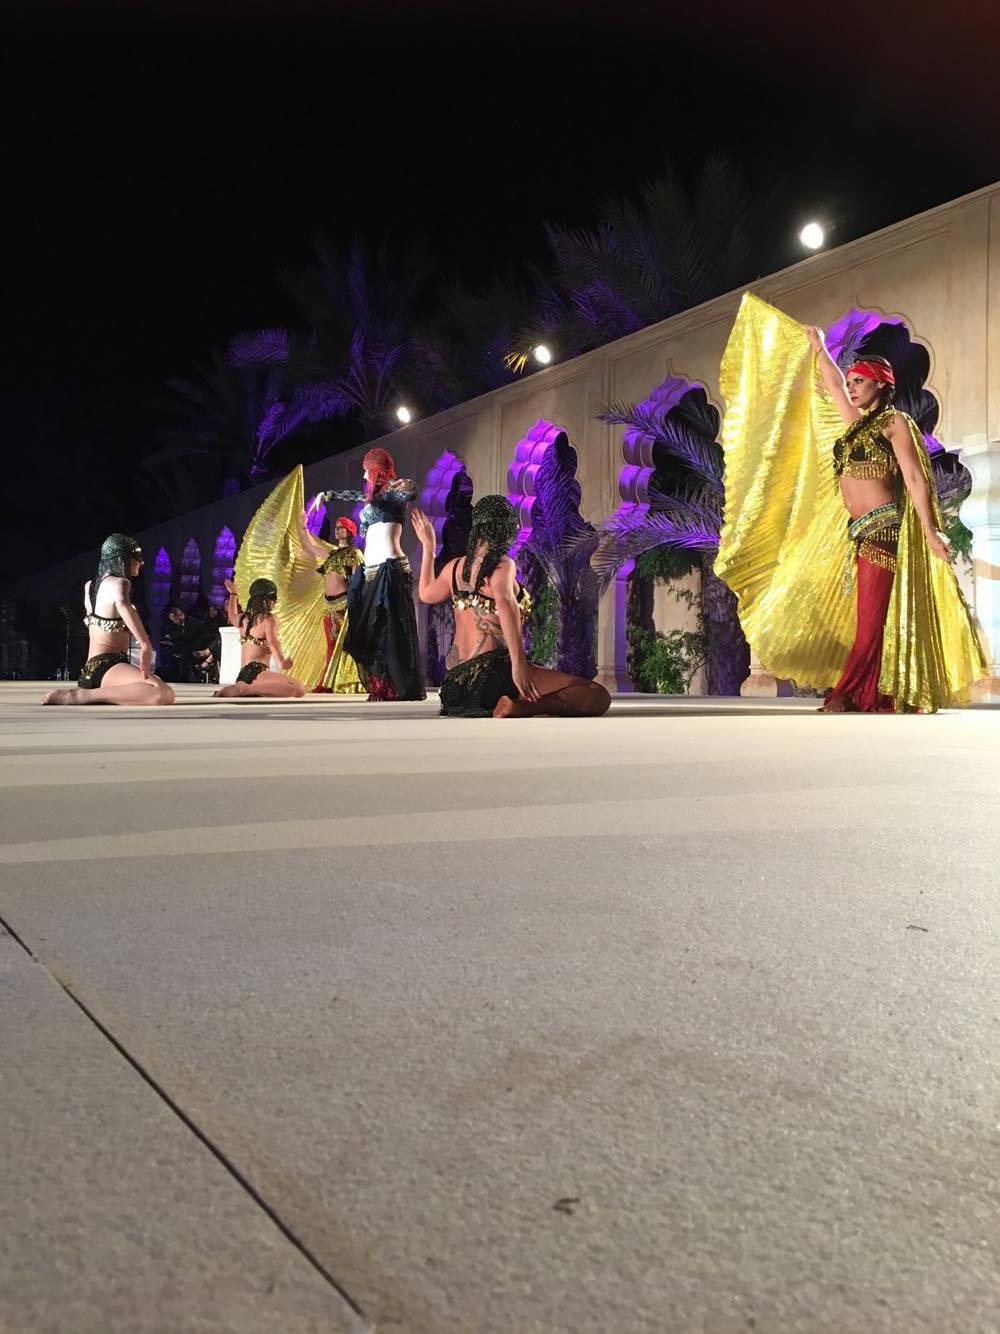 Spectacle de danse orientale à Nice ou Bollywood au Maroc, la Compagnie Roses des Sables est là !